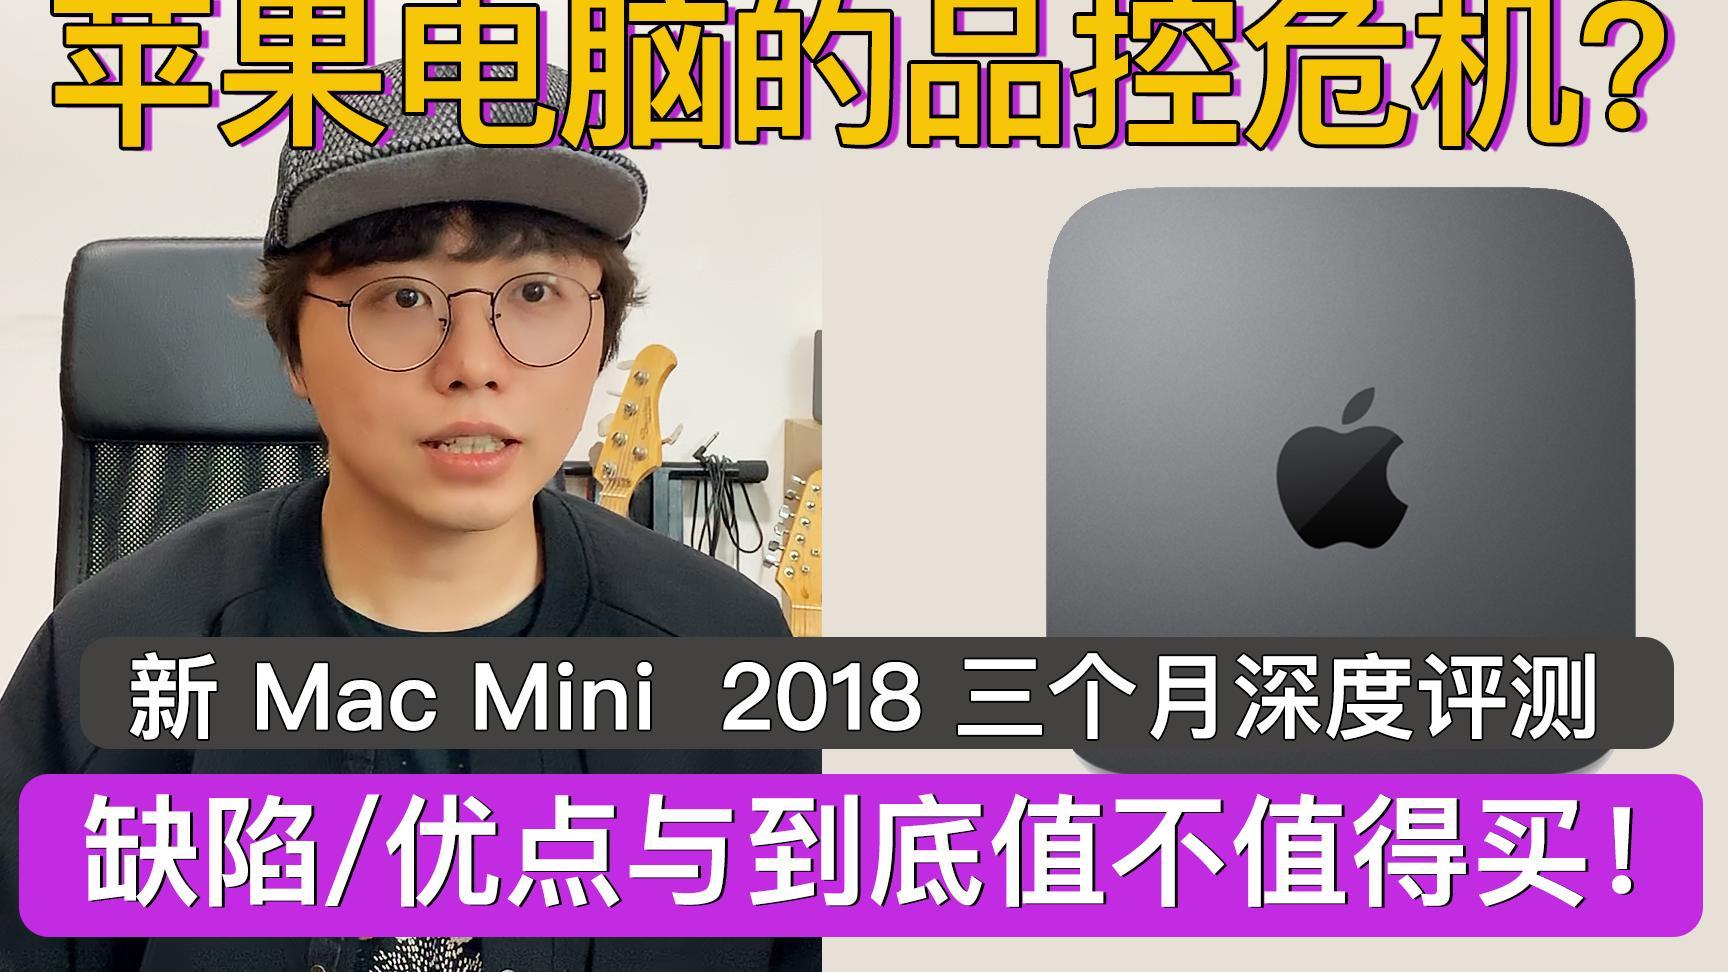 新 Mac Mini 2018  使用深度评测与购买建议